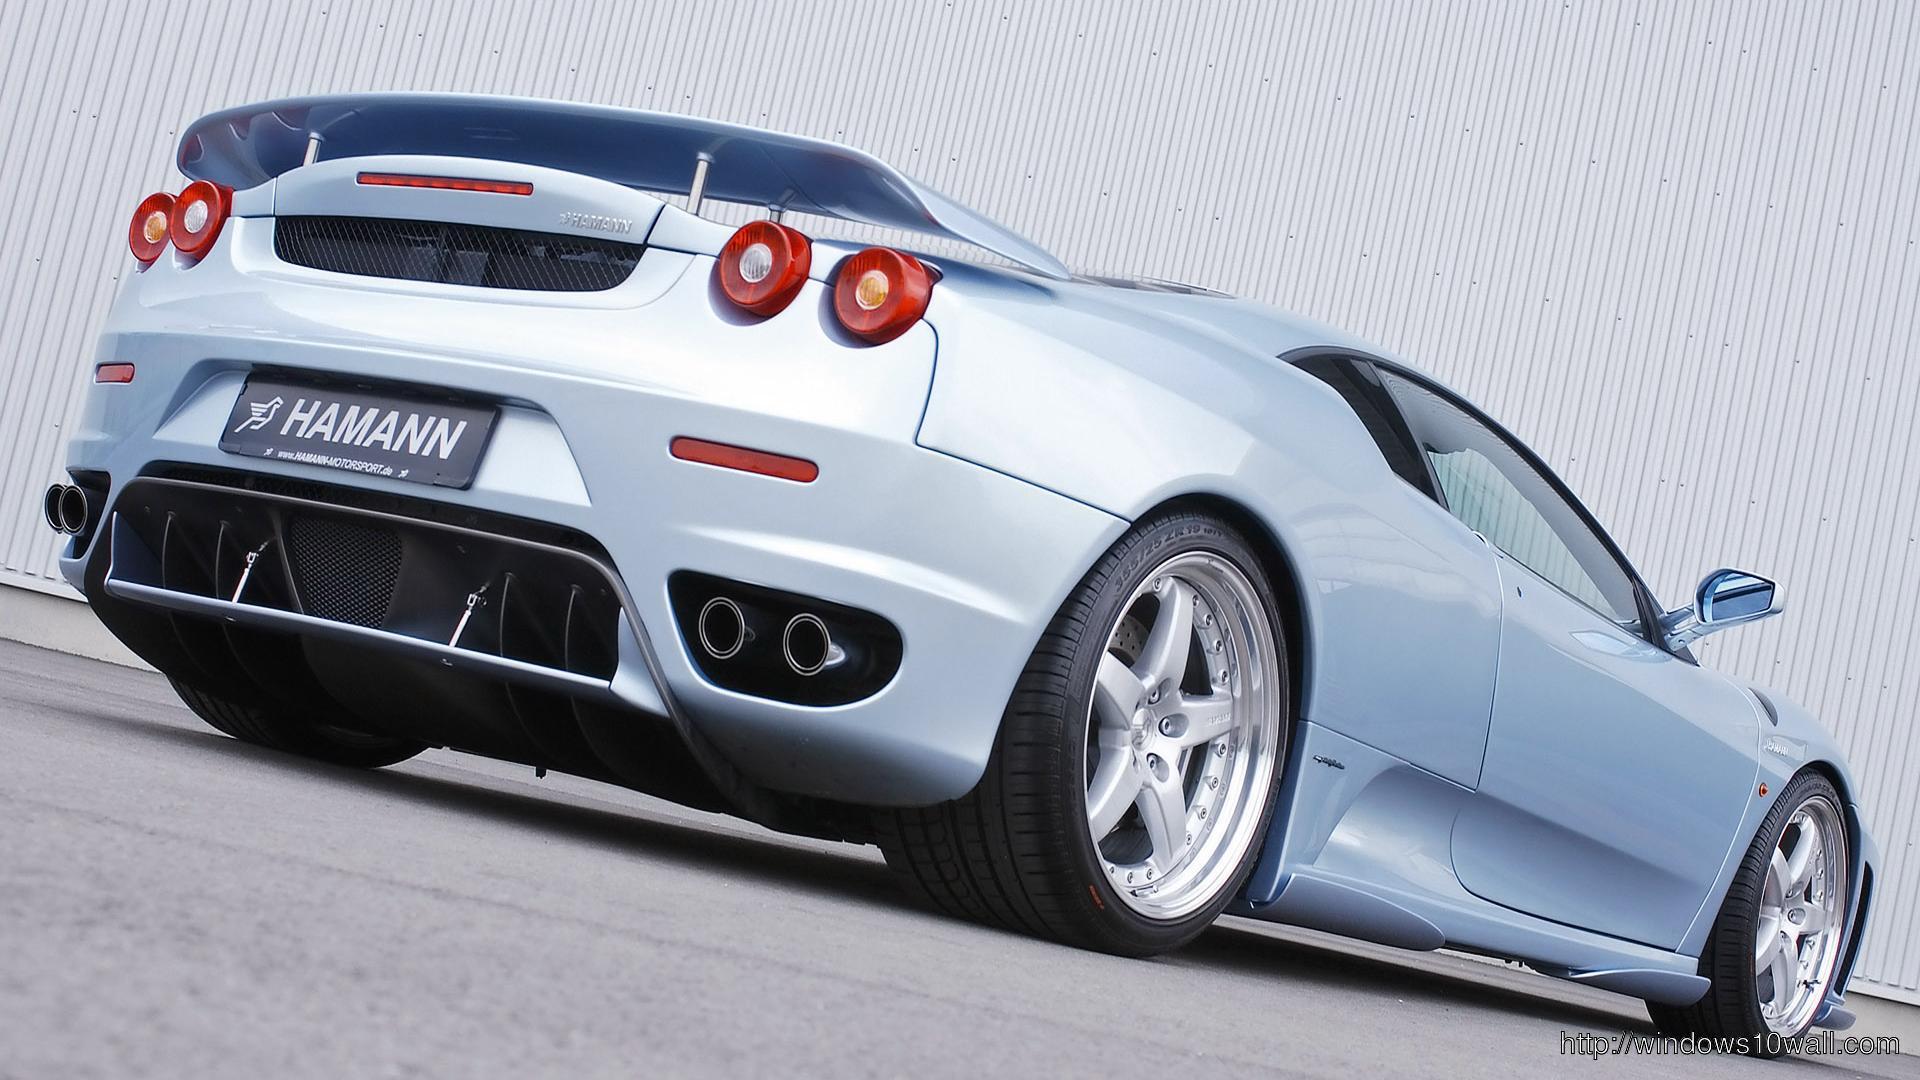 Ferrari F430 HD Wallpaper